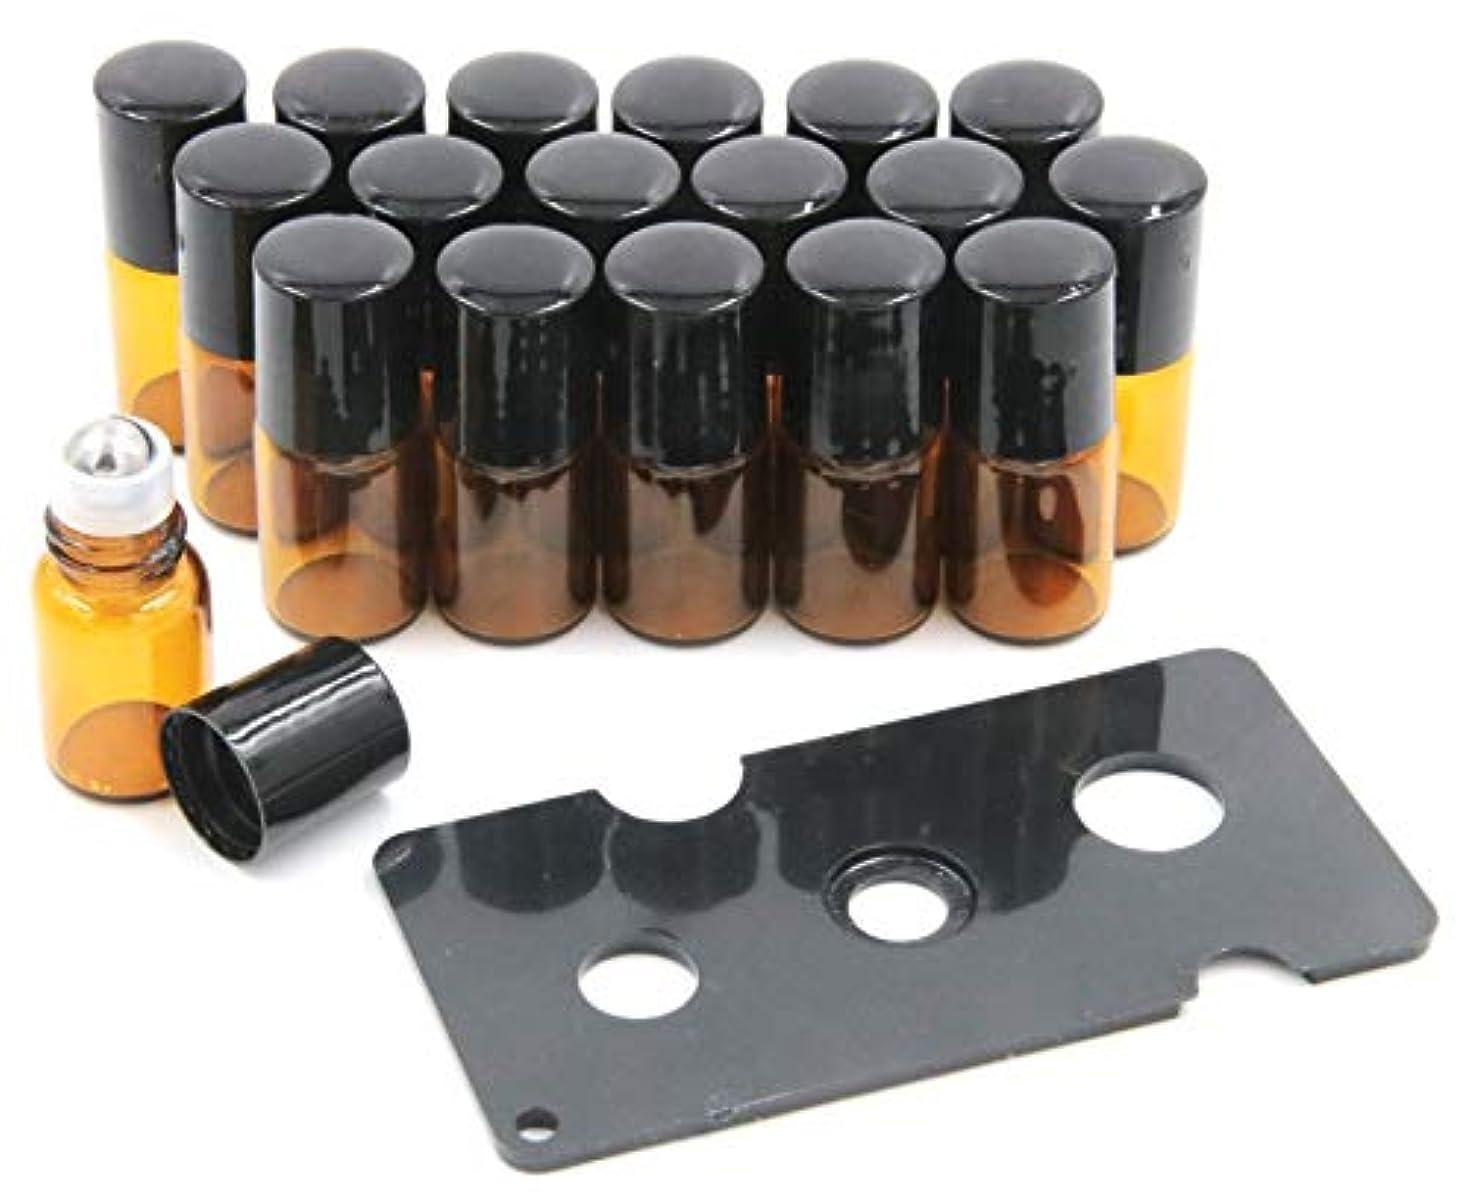 はげボアかんたんXPdesign アロマ ロールオン遮光瓶 アロマオイル 遮光瓶 保存 容器 小分け 詰め替え 香水 ボトル (2ml18本セット)